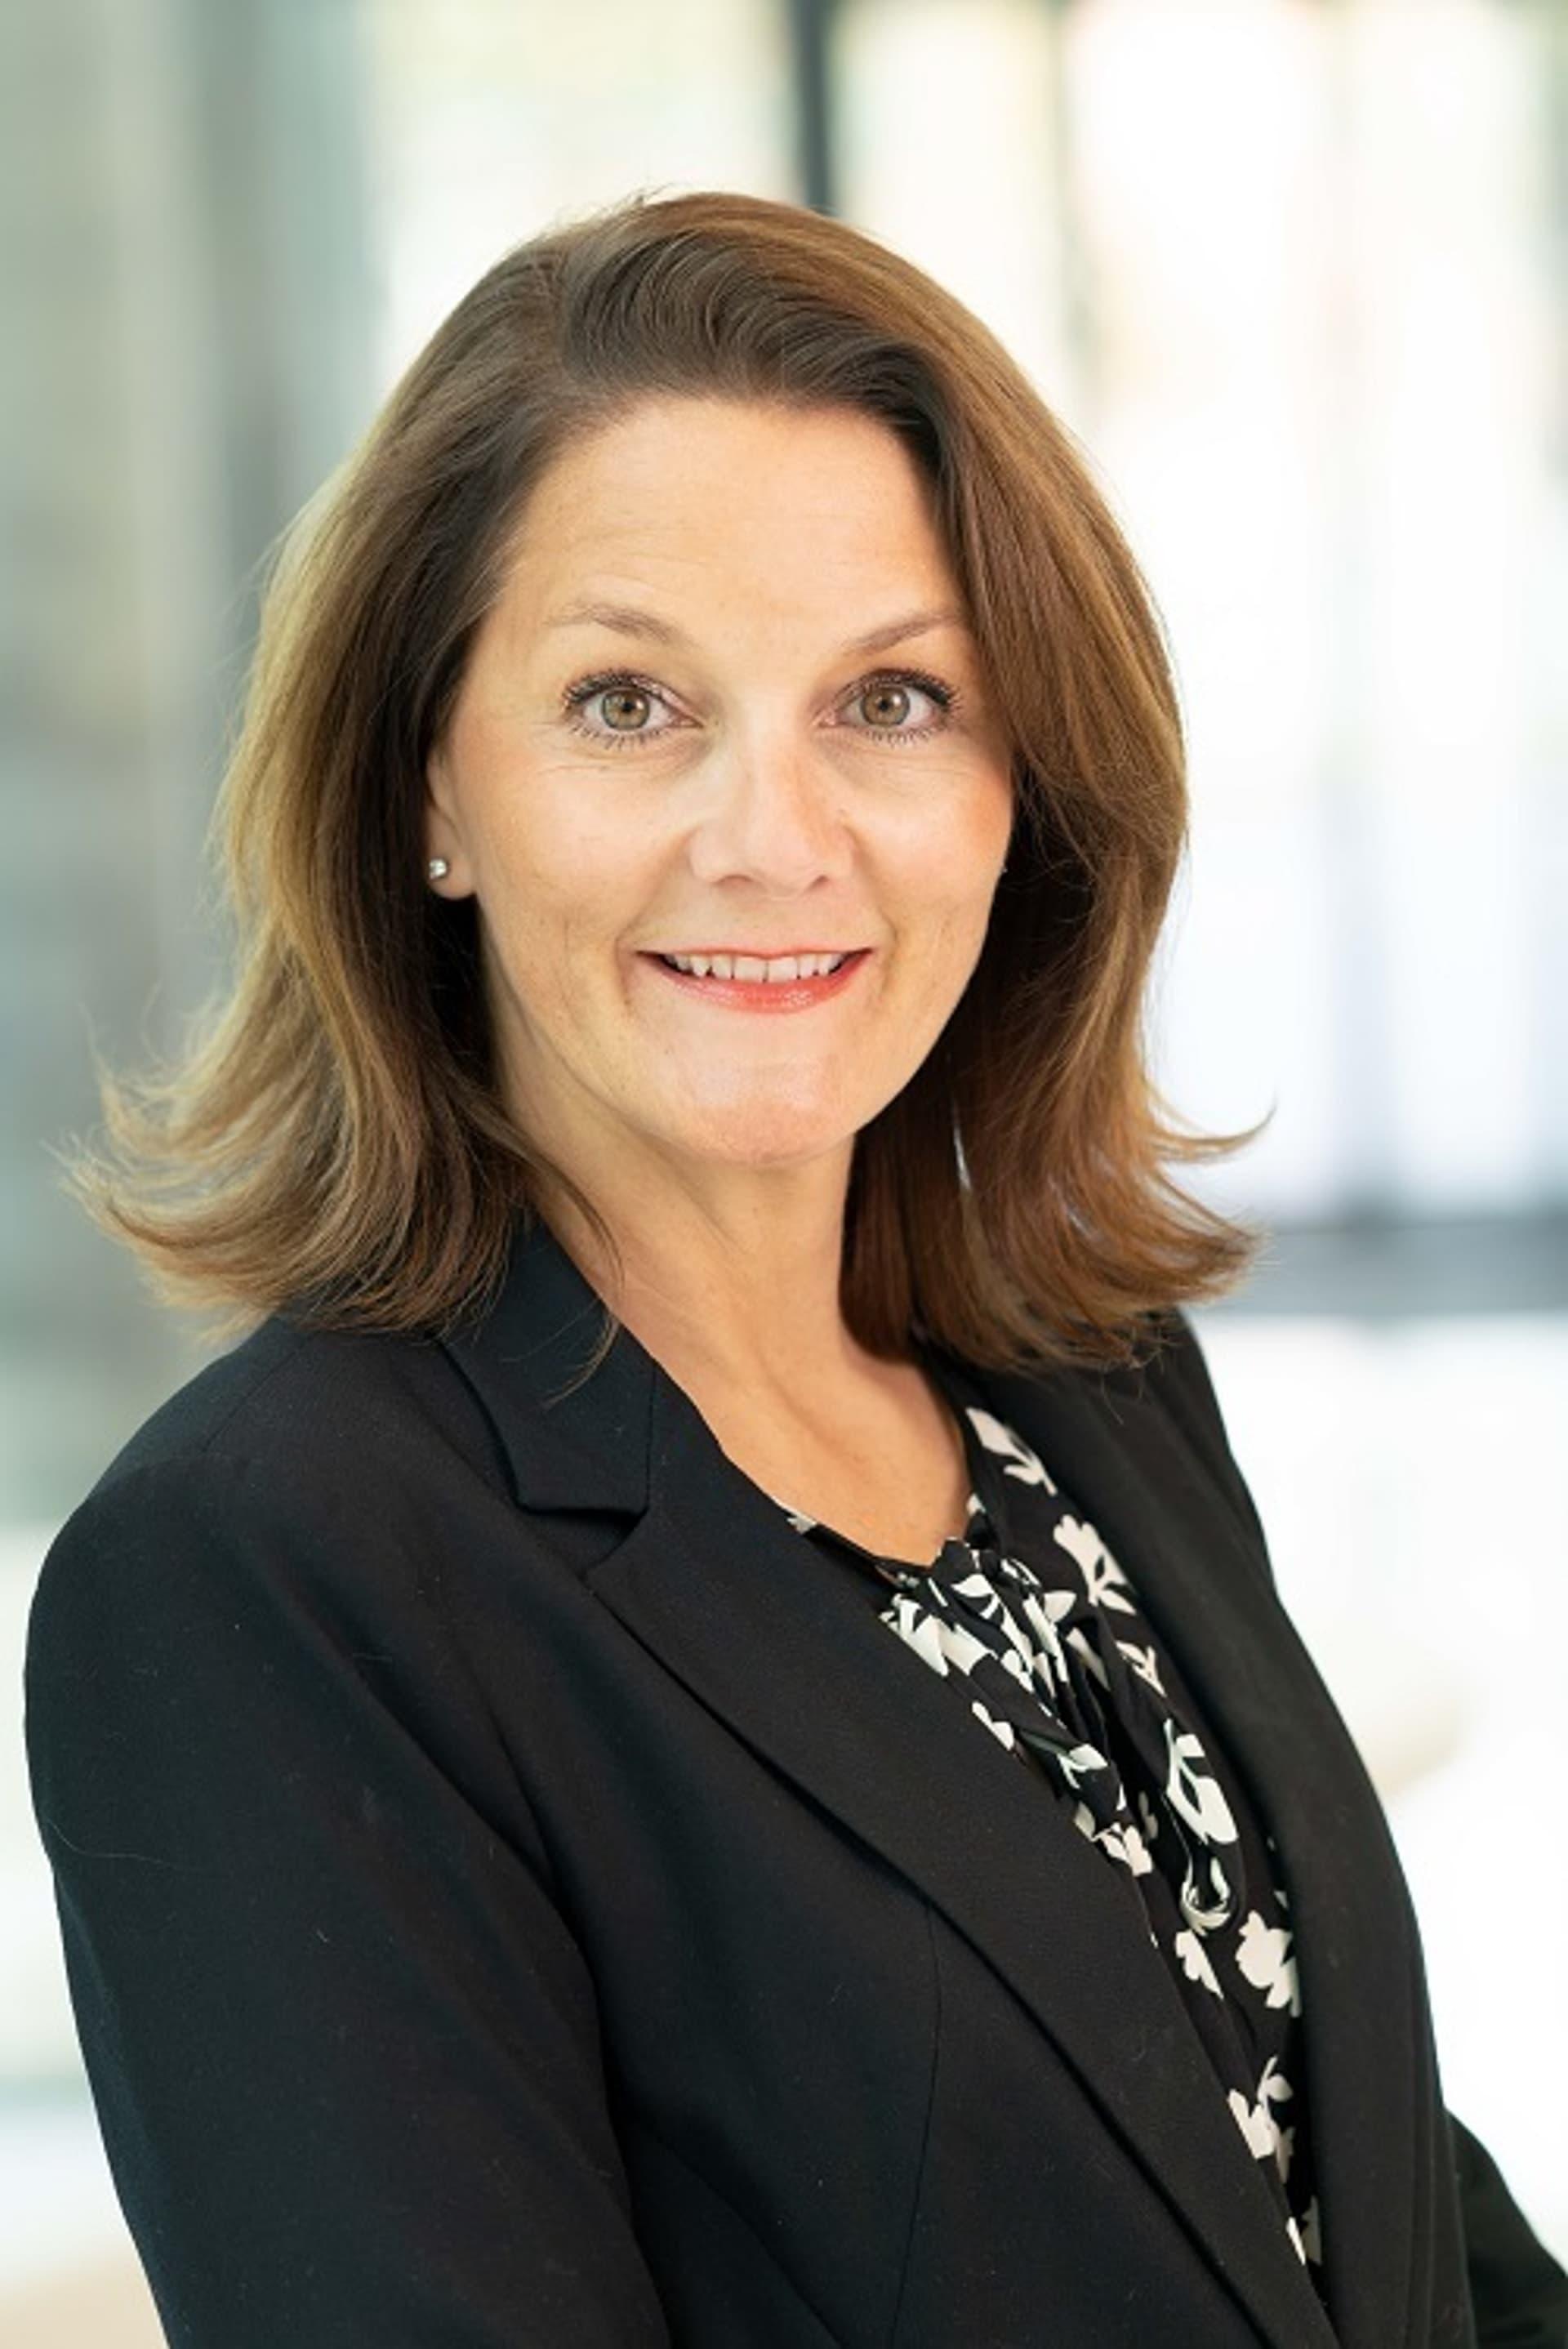 Eva Leihener Stefan